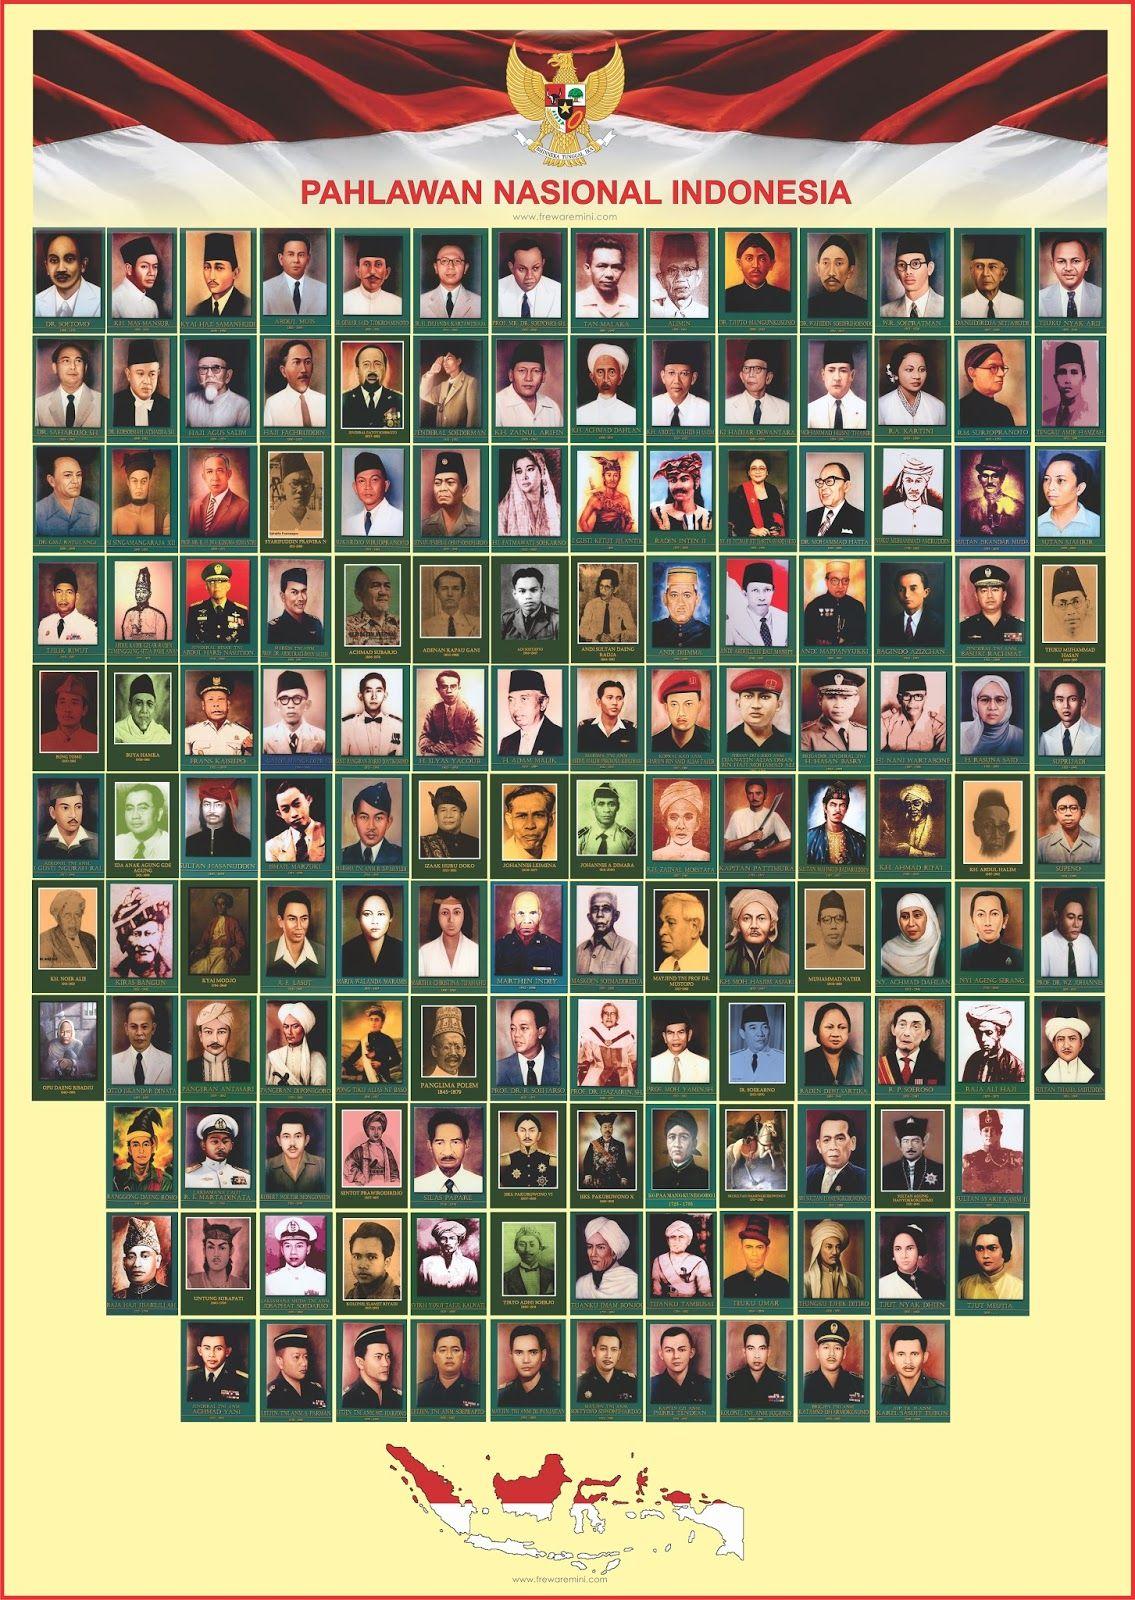 Foto Pahlawan Aceh Dan Namanya